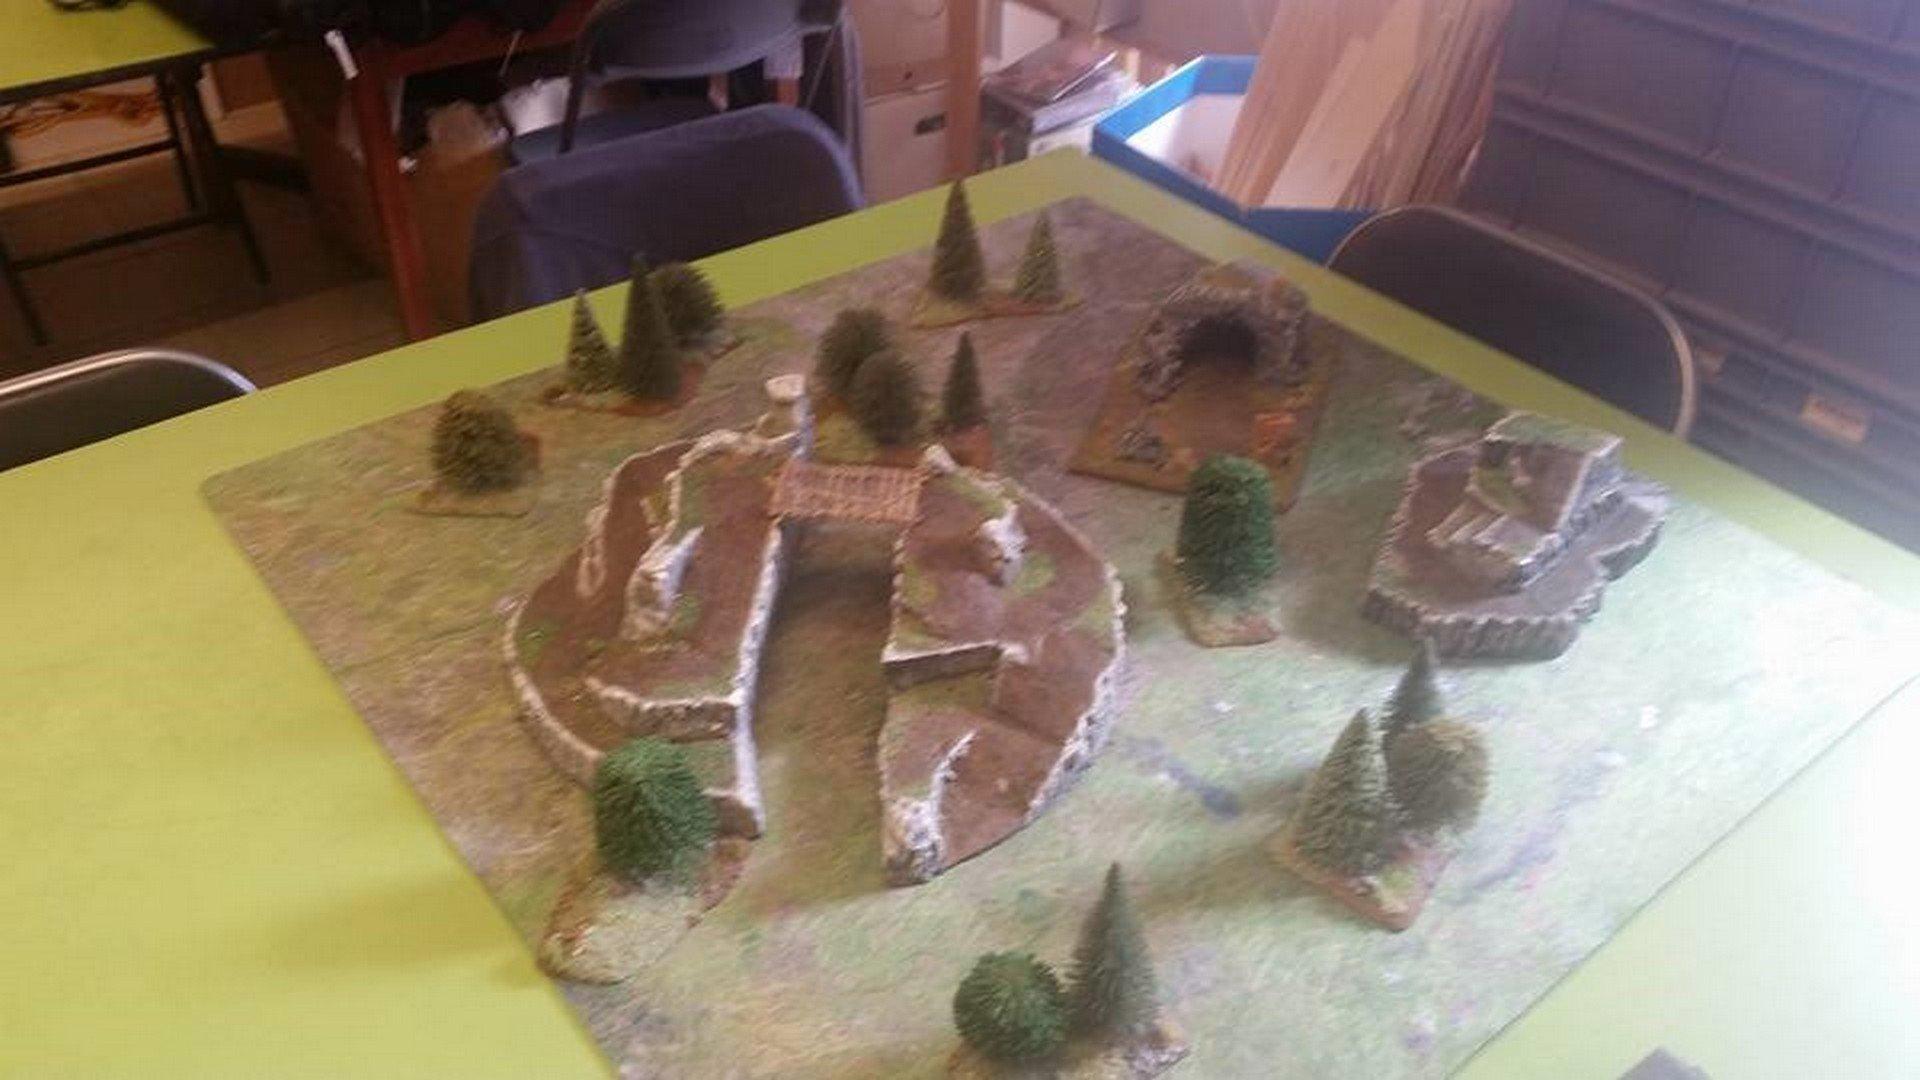 Hasseltse spellenspeciaalzaak Oberonn organiseert maandag een 'Winterland spelmiddag': - Oberon 2